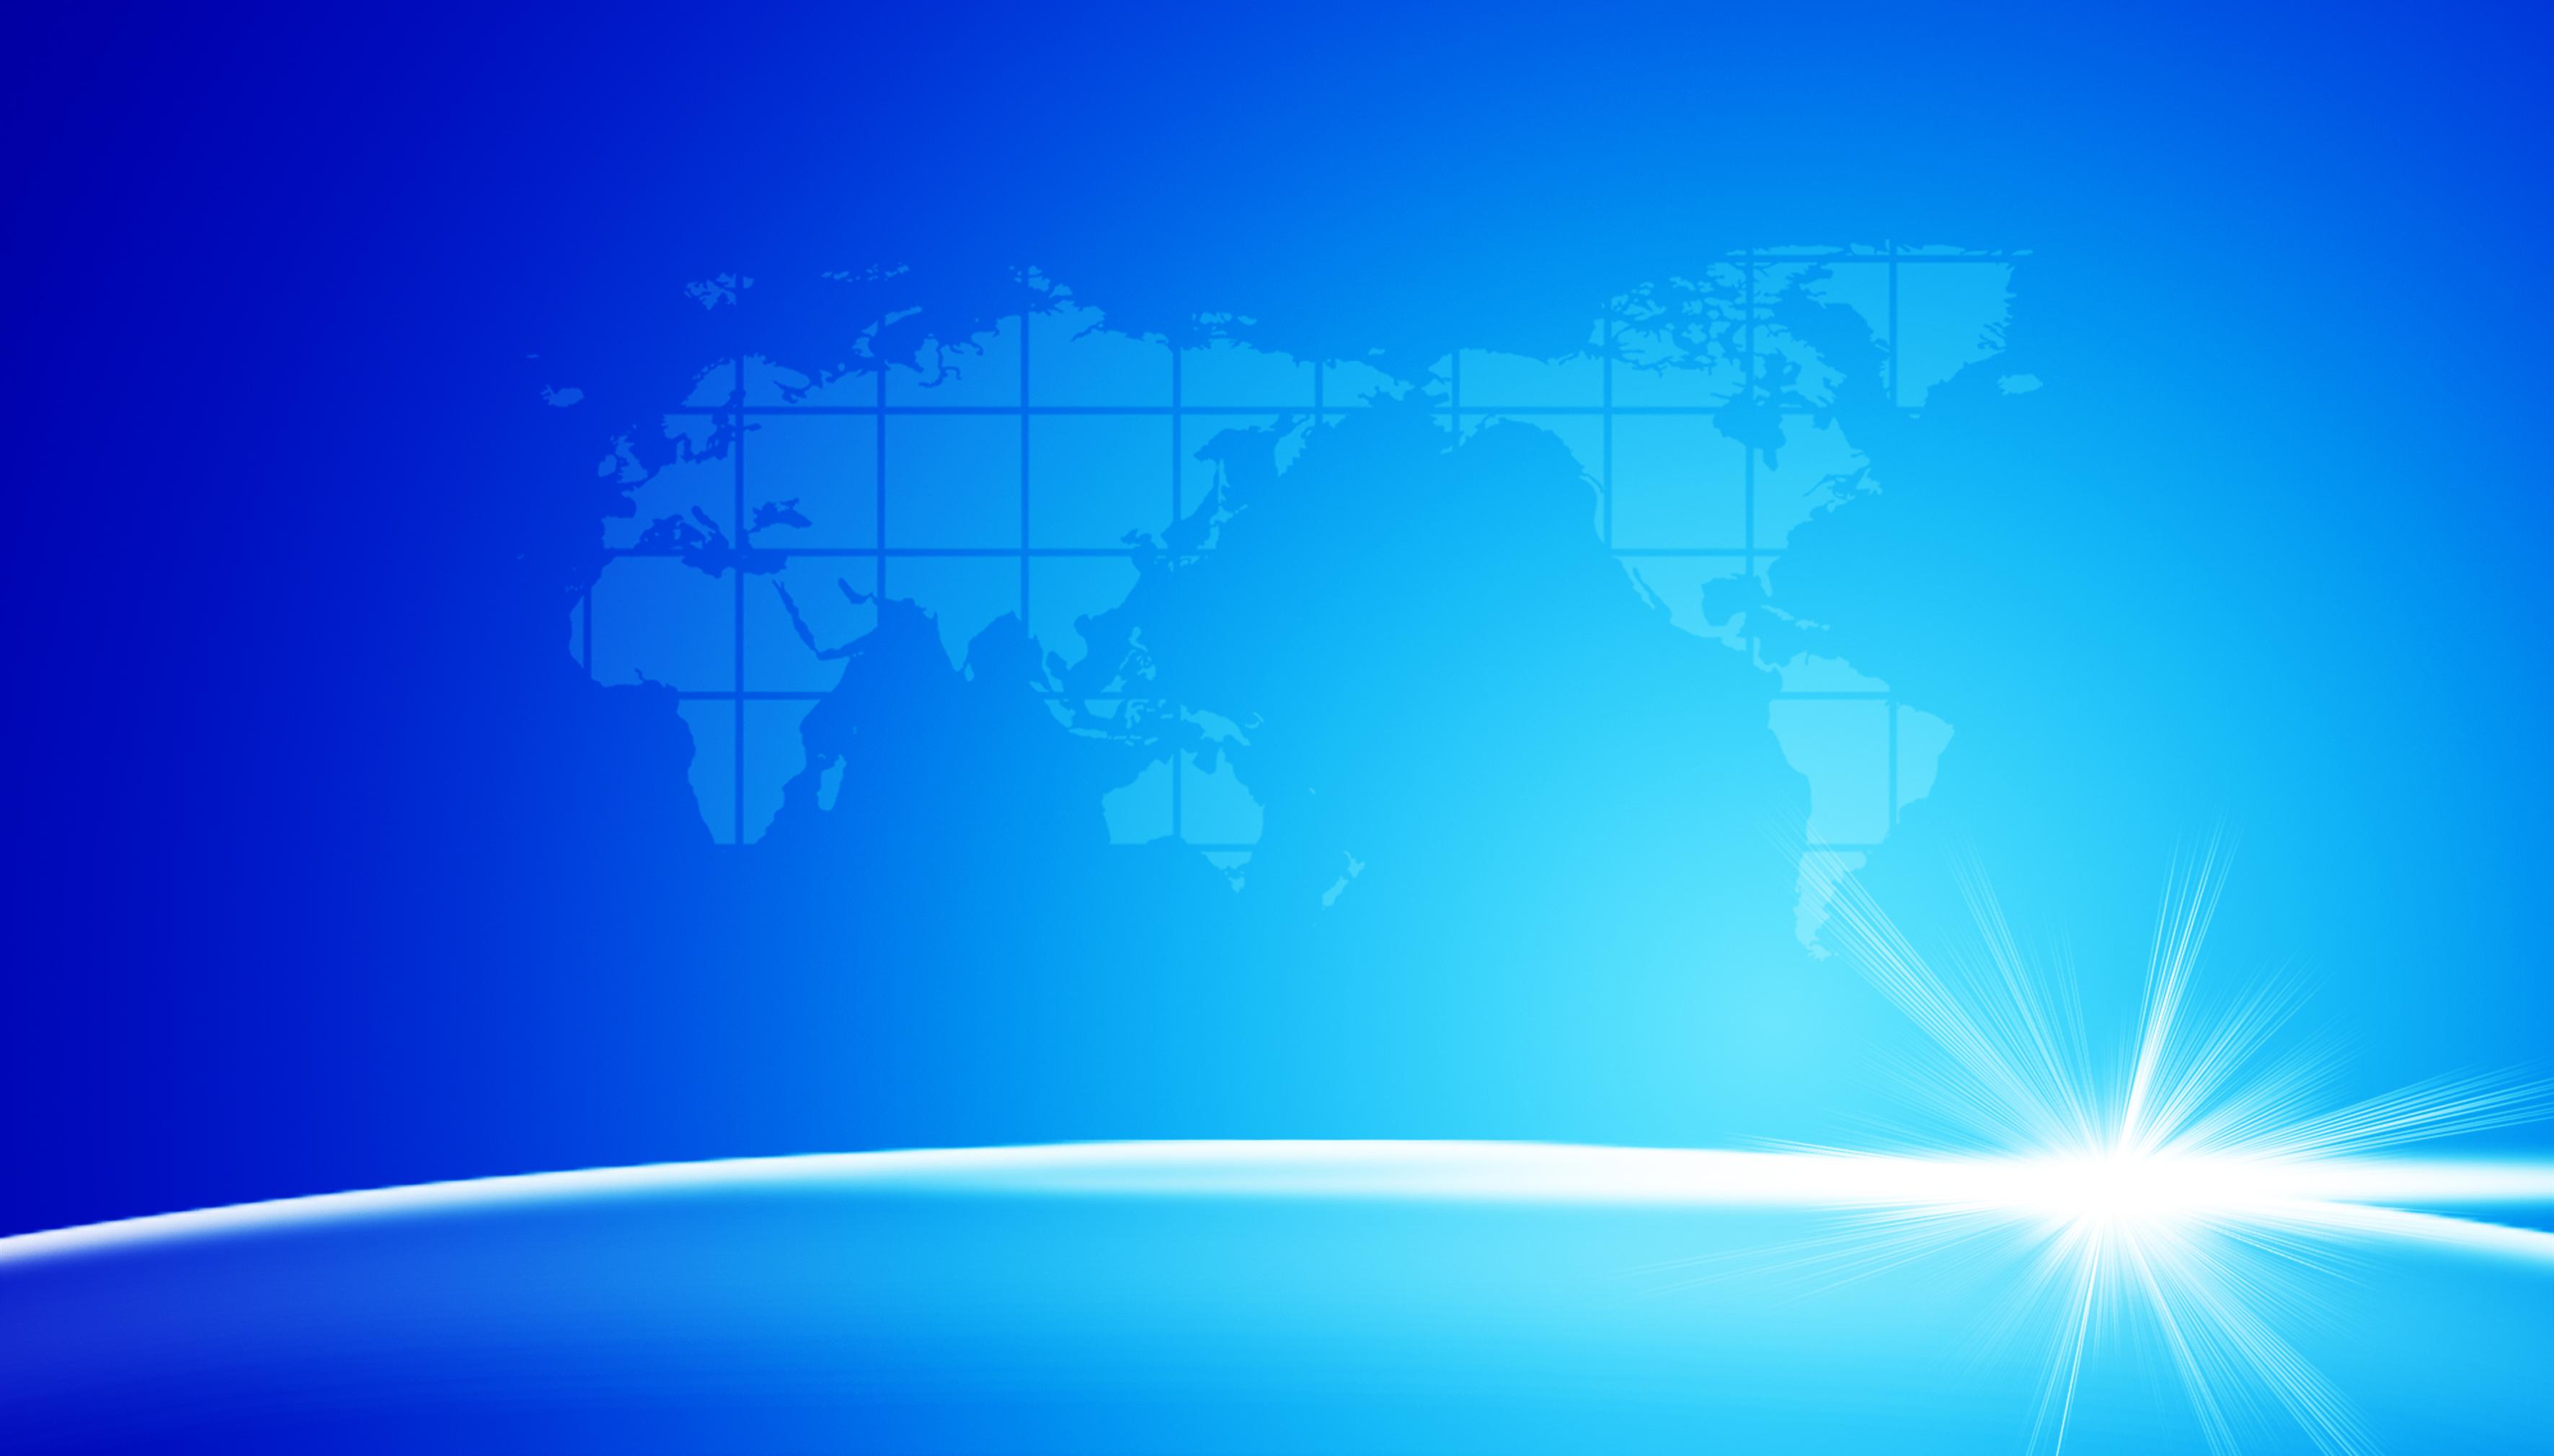 atlas fondos de pantalla mapa digital antecedentes globe